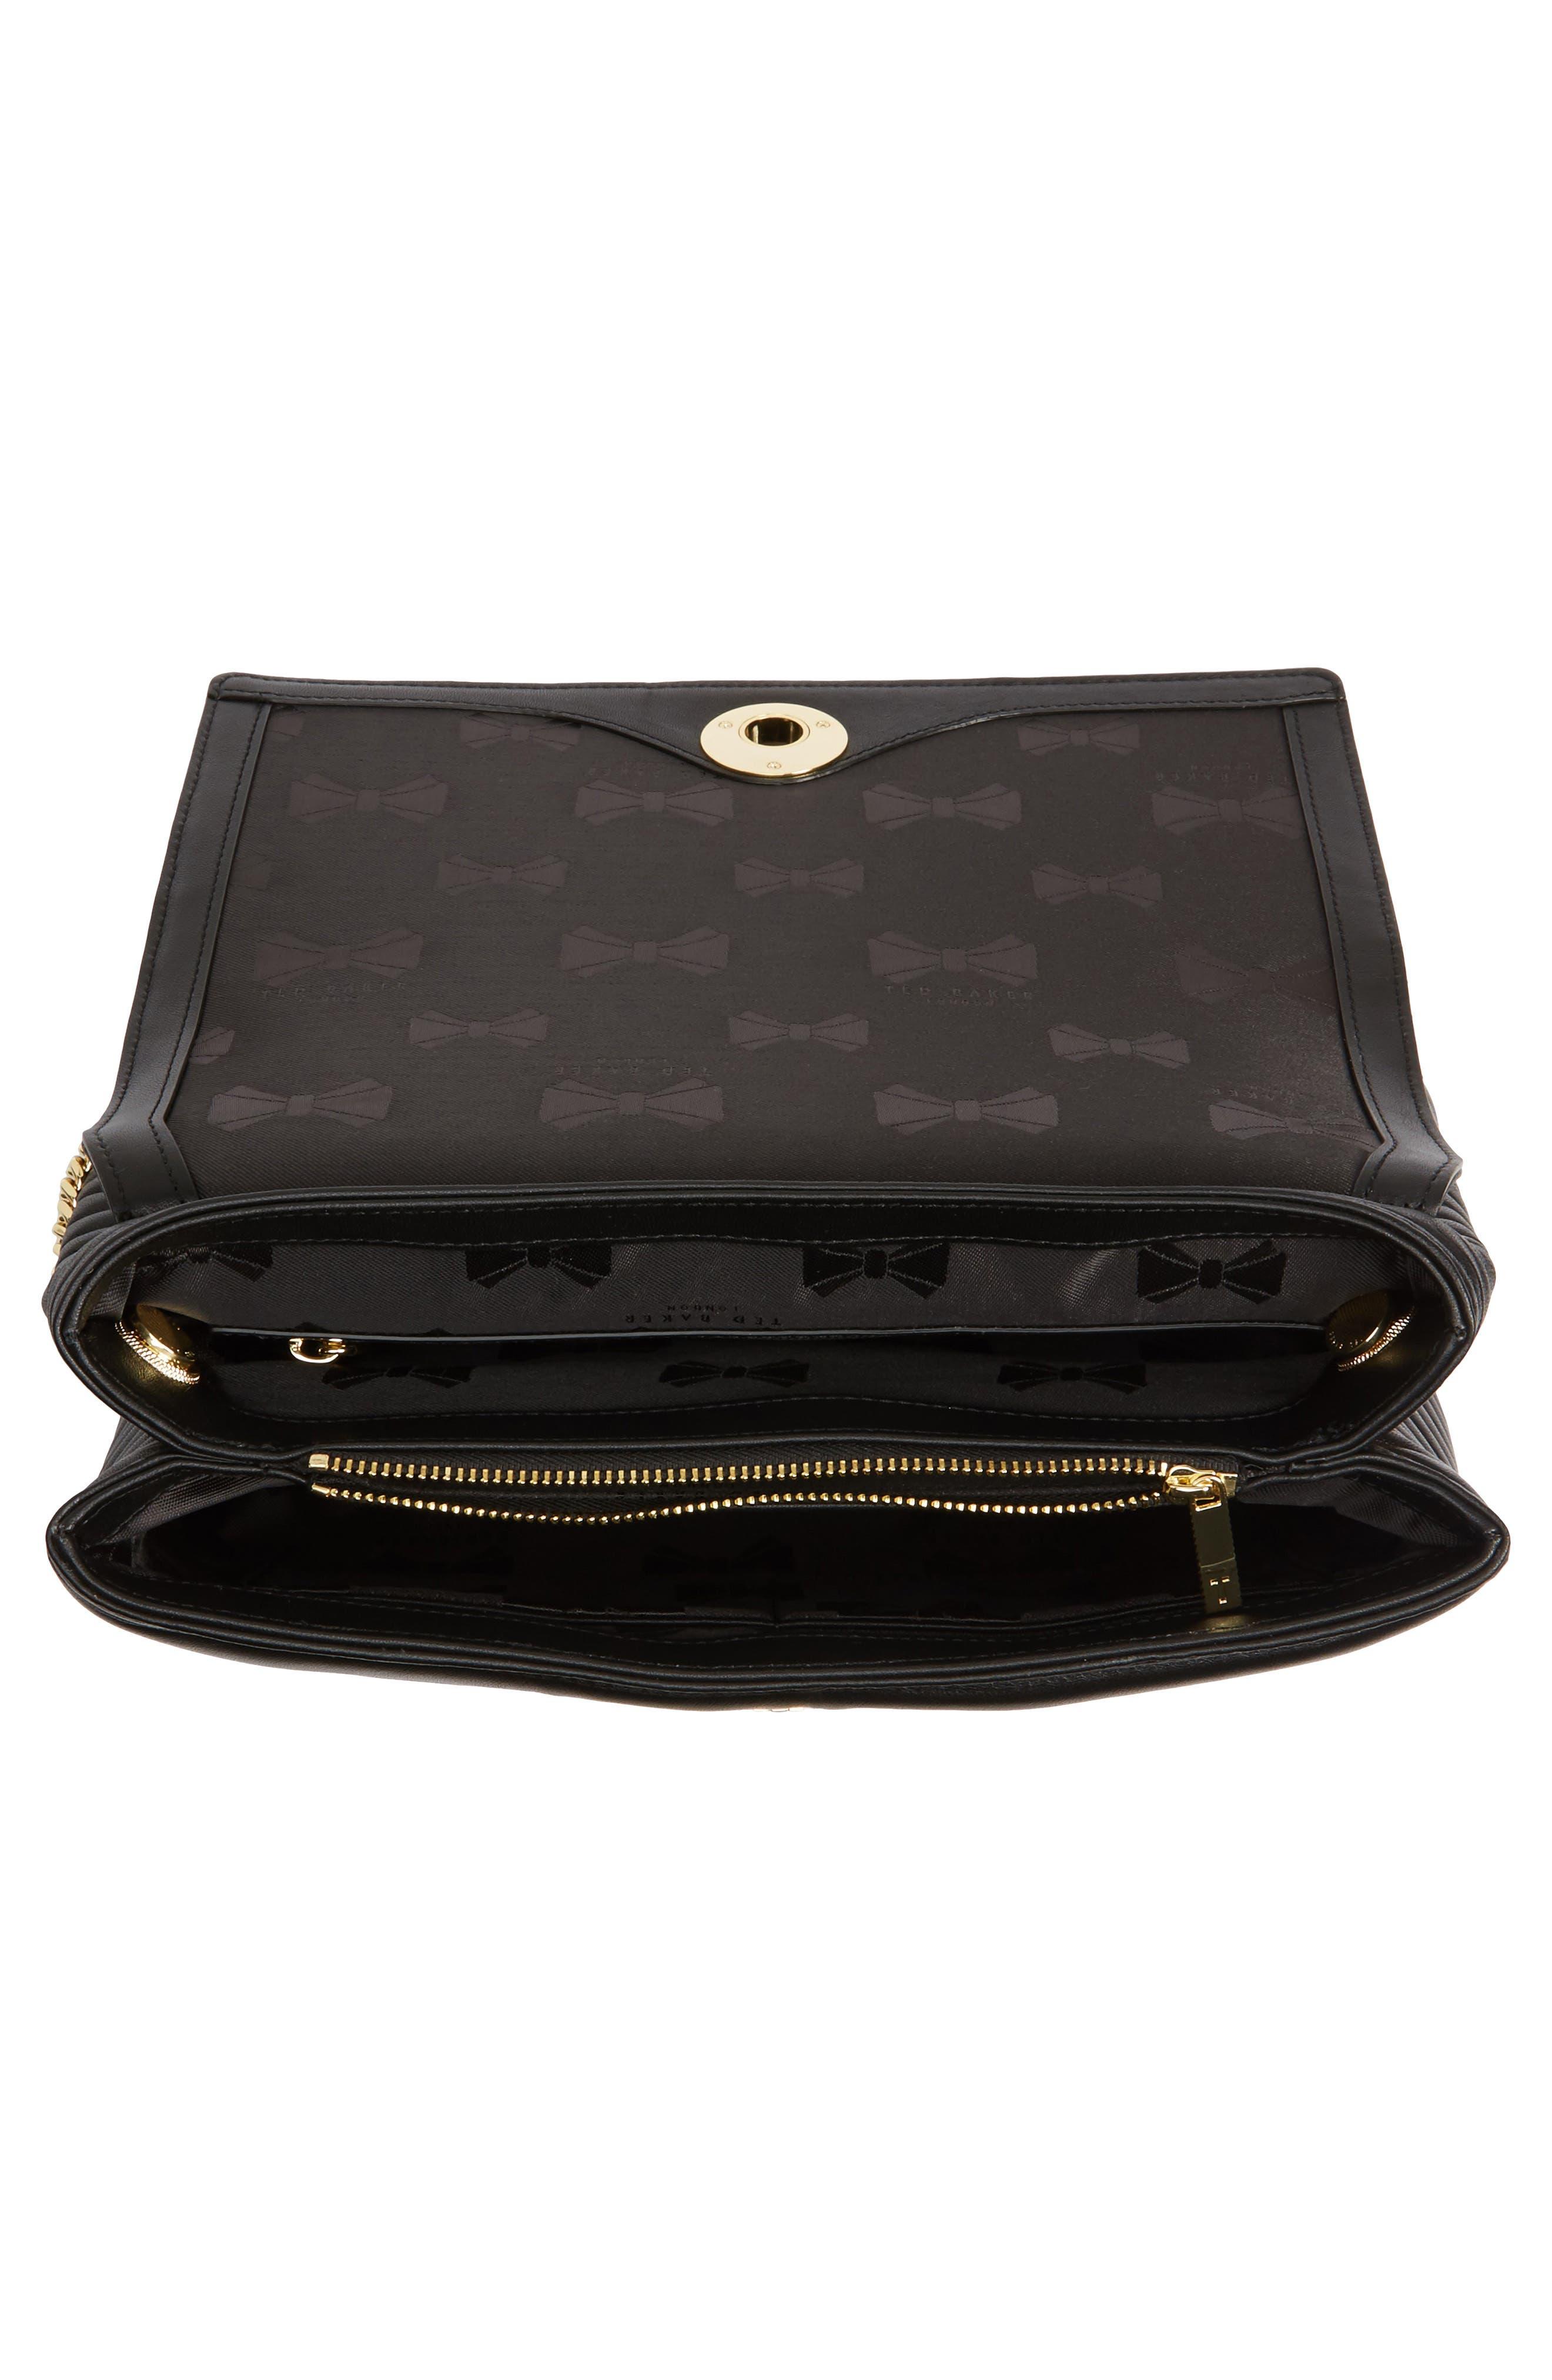 Vivida Quilted Leather Shoulder Bag,                             Alternate thumbnail 4, color,                             001